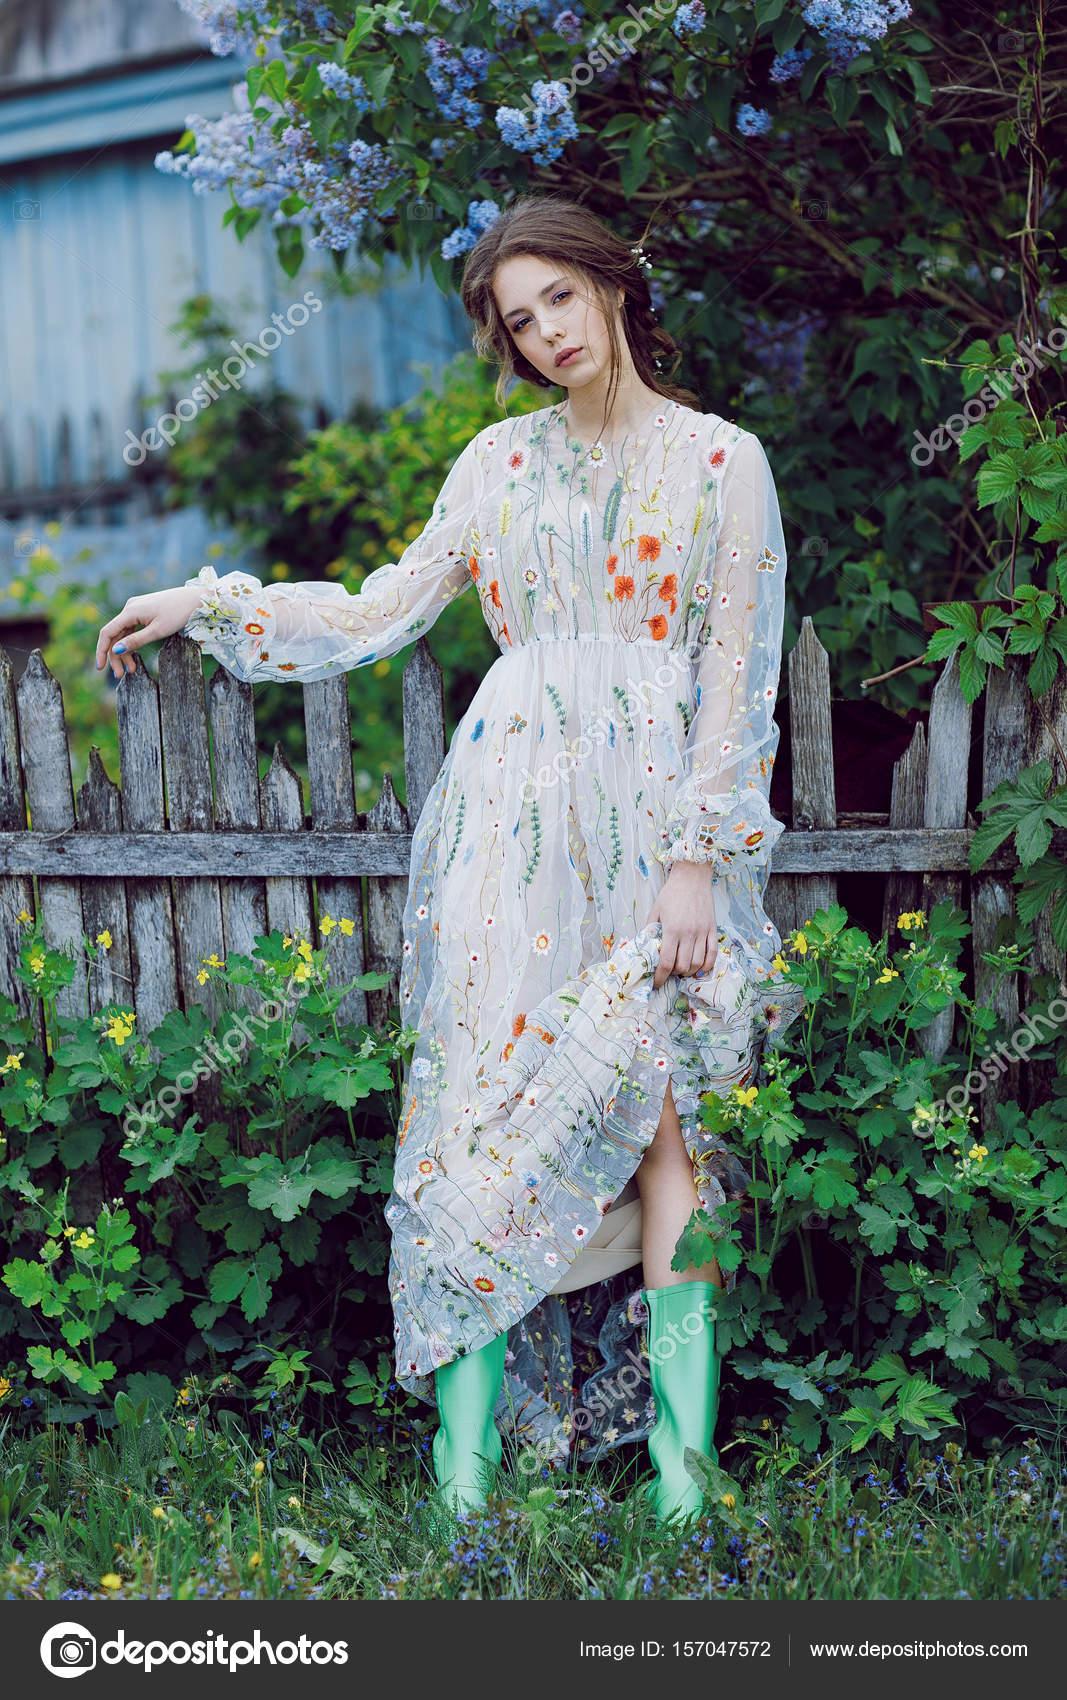 Květy kolem dívka v šedé šaty a zelené boty. Portrét mladé atraktivní dívky  v dlouhých šatech letní slunečný den v parku — Fotografie od ... 35b51666c5